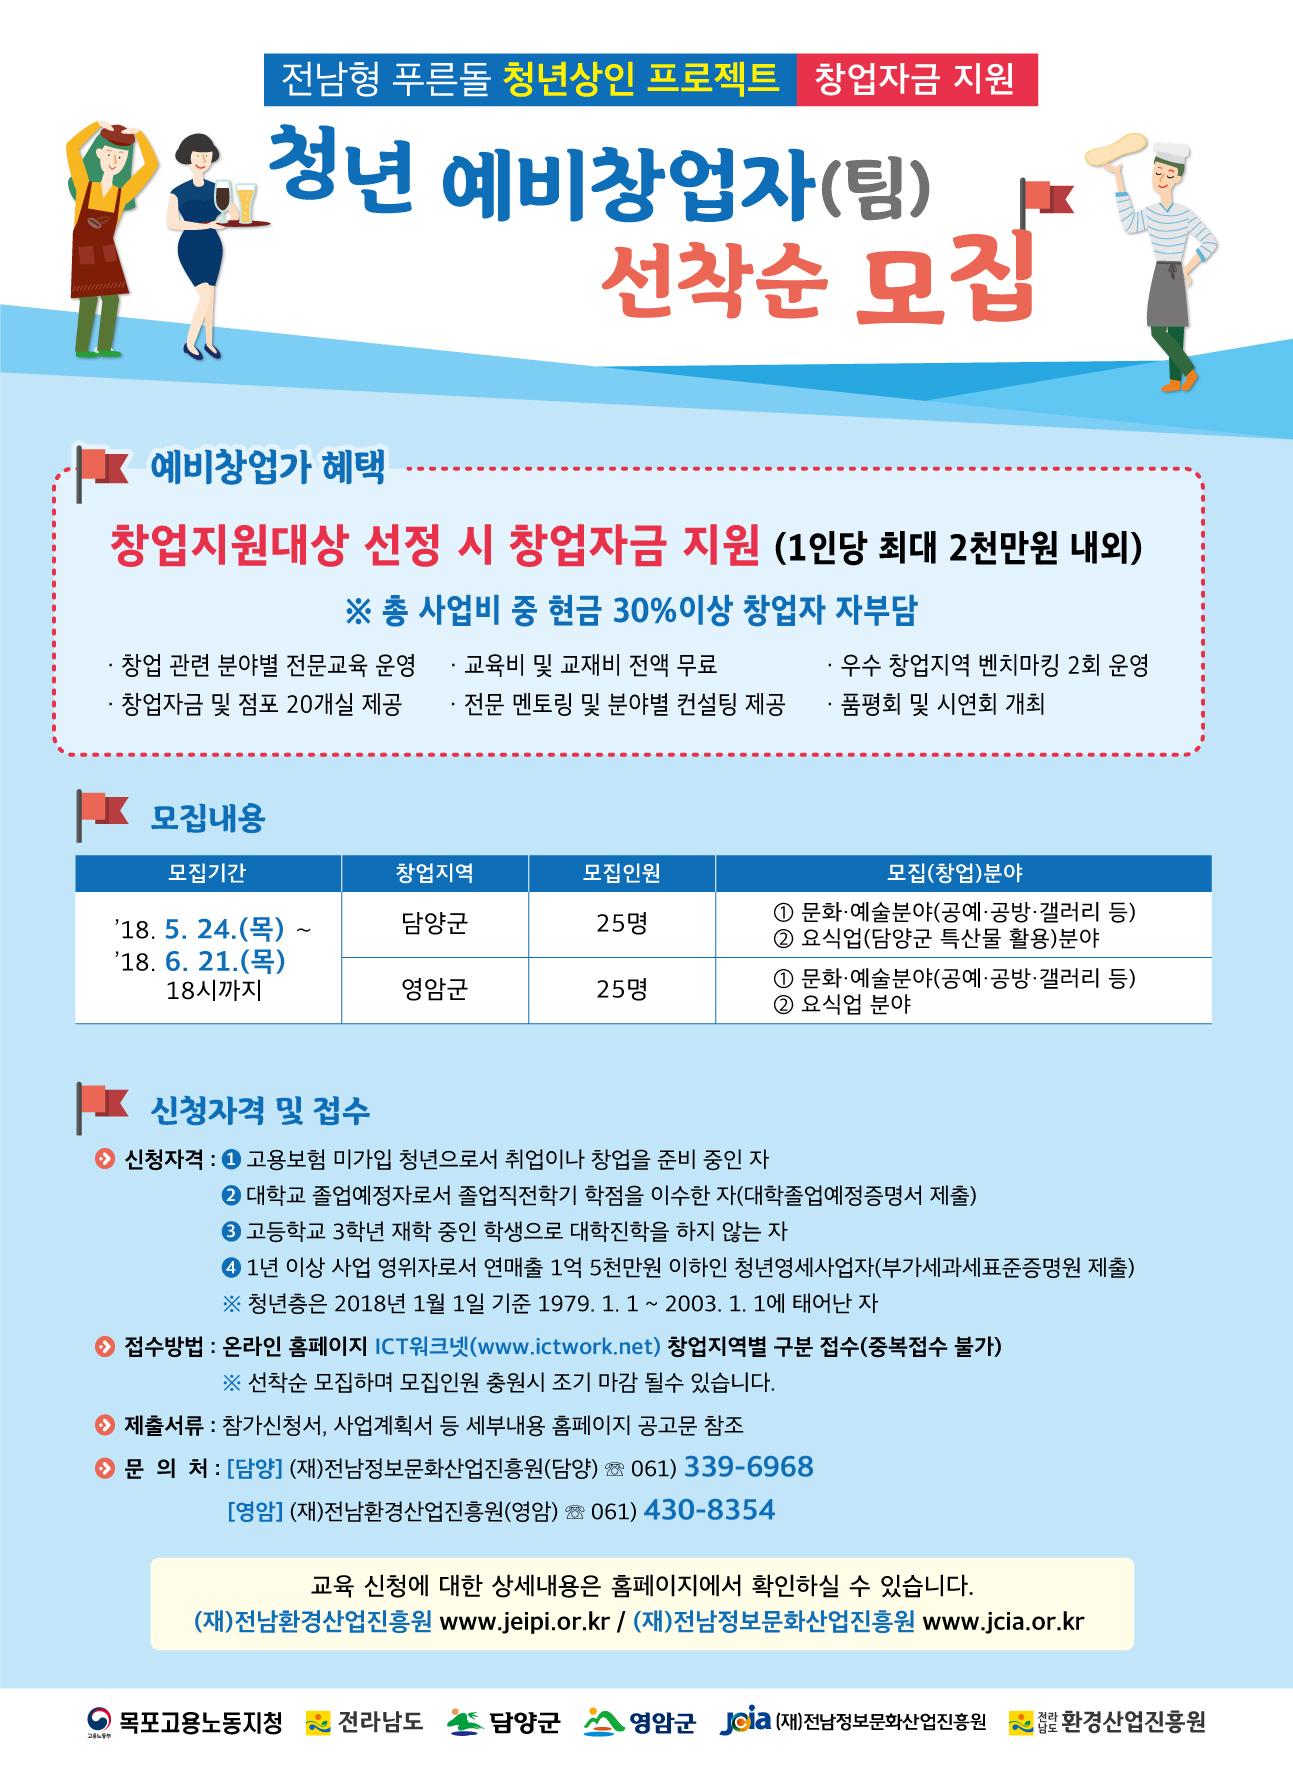 「전남형푸른돌청년상인프로젝트」청년예비창업가교육생모집621